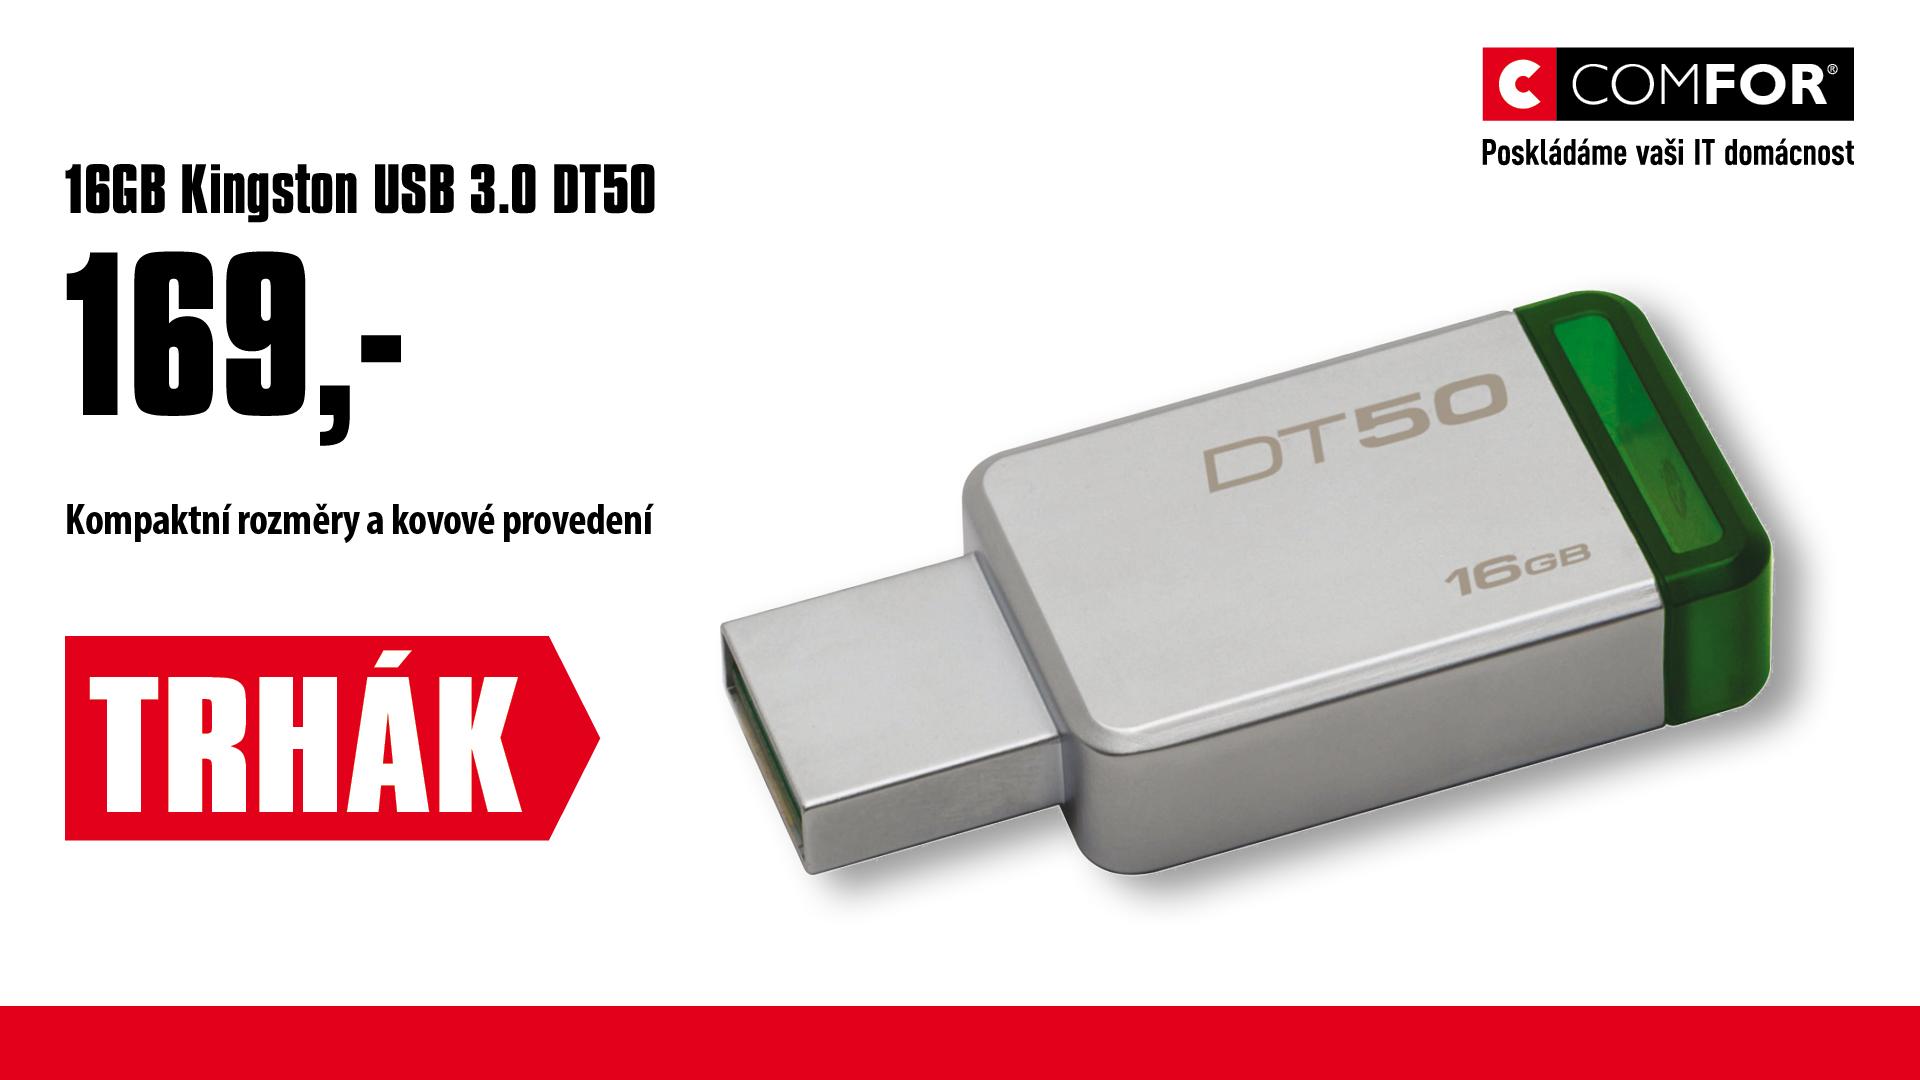 16GB Kingston USB 3.0 DT50 kovová zelená